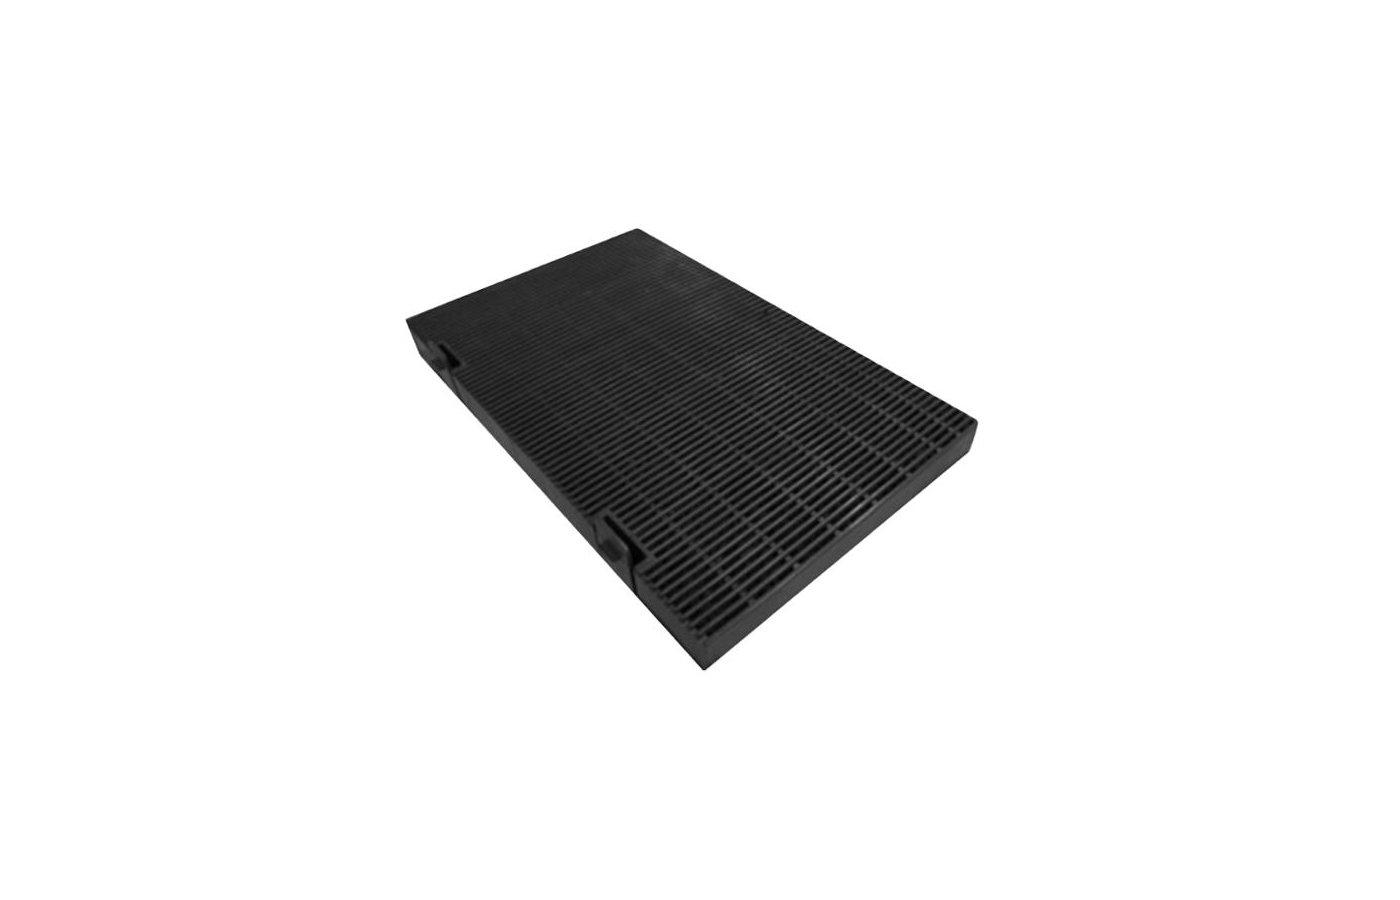 Фильтры для воздухоочистителей SHINDO фильтр угольный тип S.C.PU. 02.06 (1шт.для вытяжек Pallada 60SS/BG 90SS/BG 60B/BG 90B/BG )